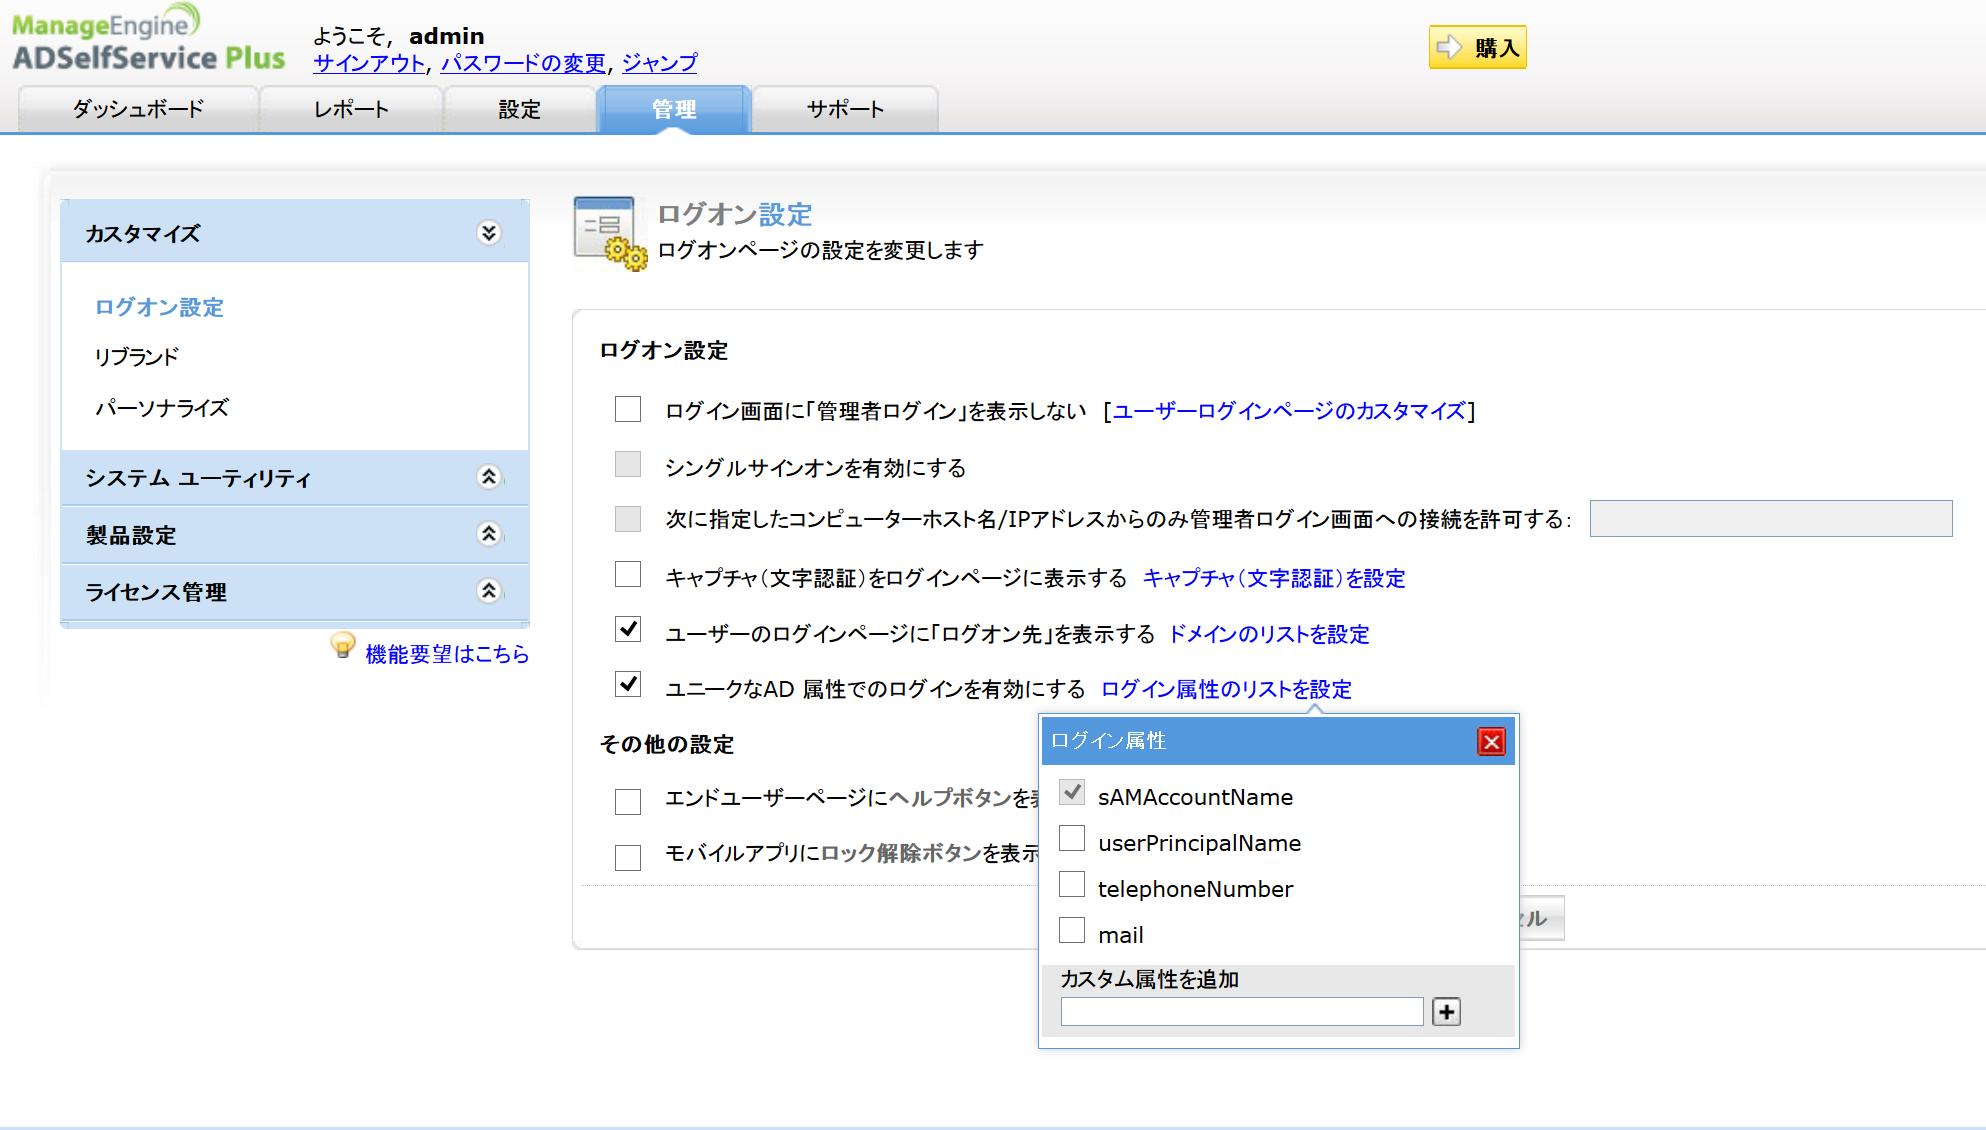 マルチログイン機能の設定画面